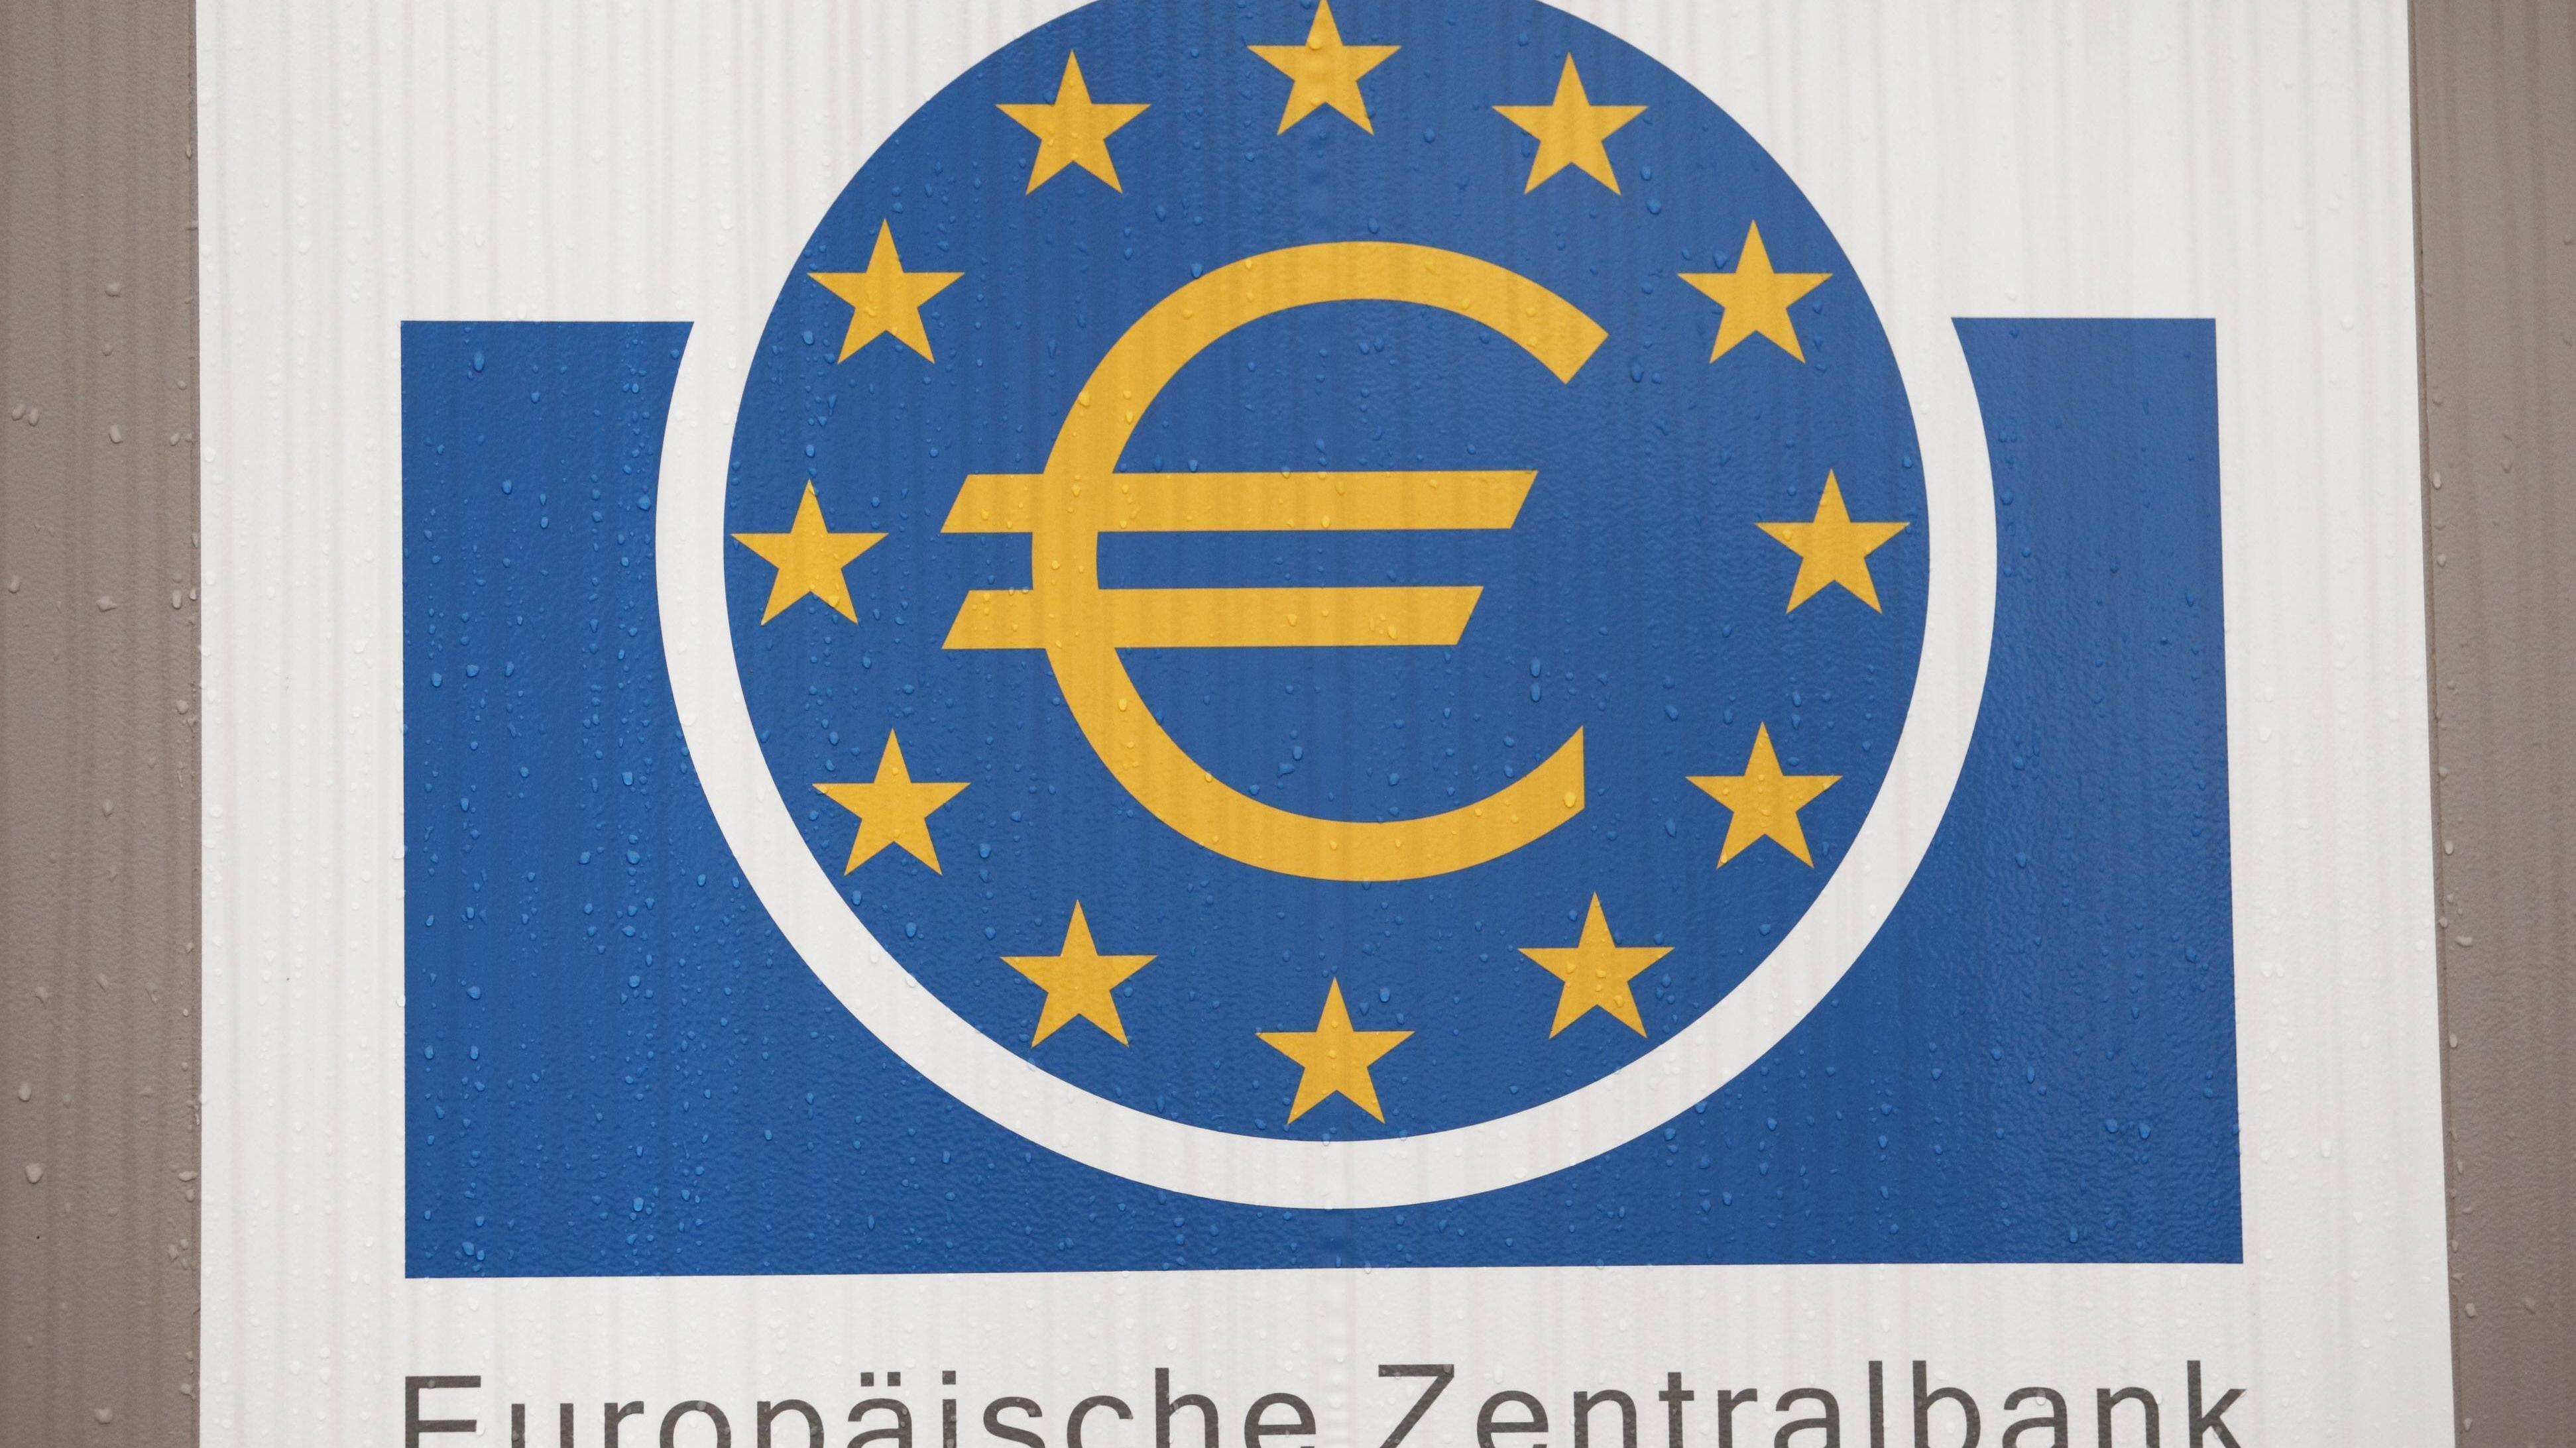 Seit 1999 der Diskontsatz durch den Basiszinssatz ersetzt wurde, übernimmt die EZB die Regulierung der Geldpolitik.